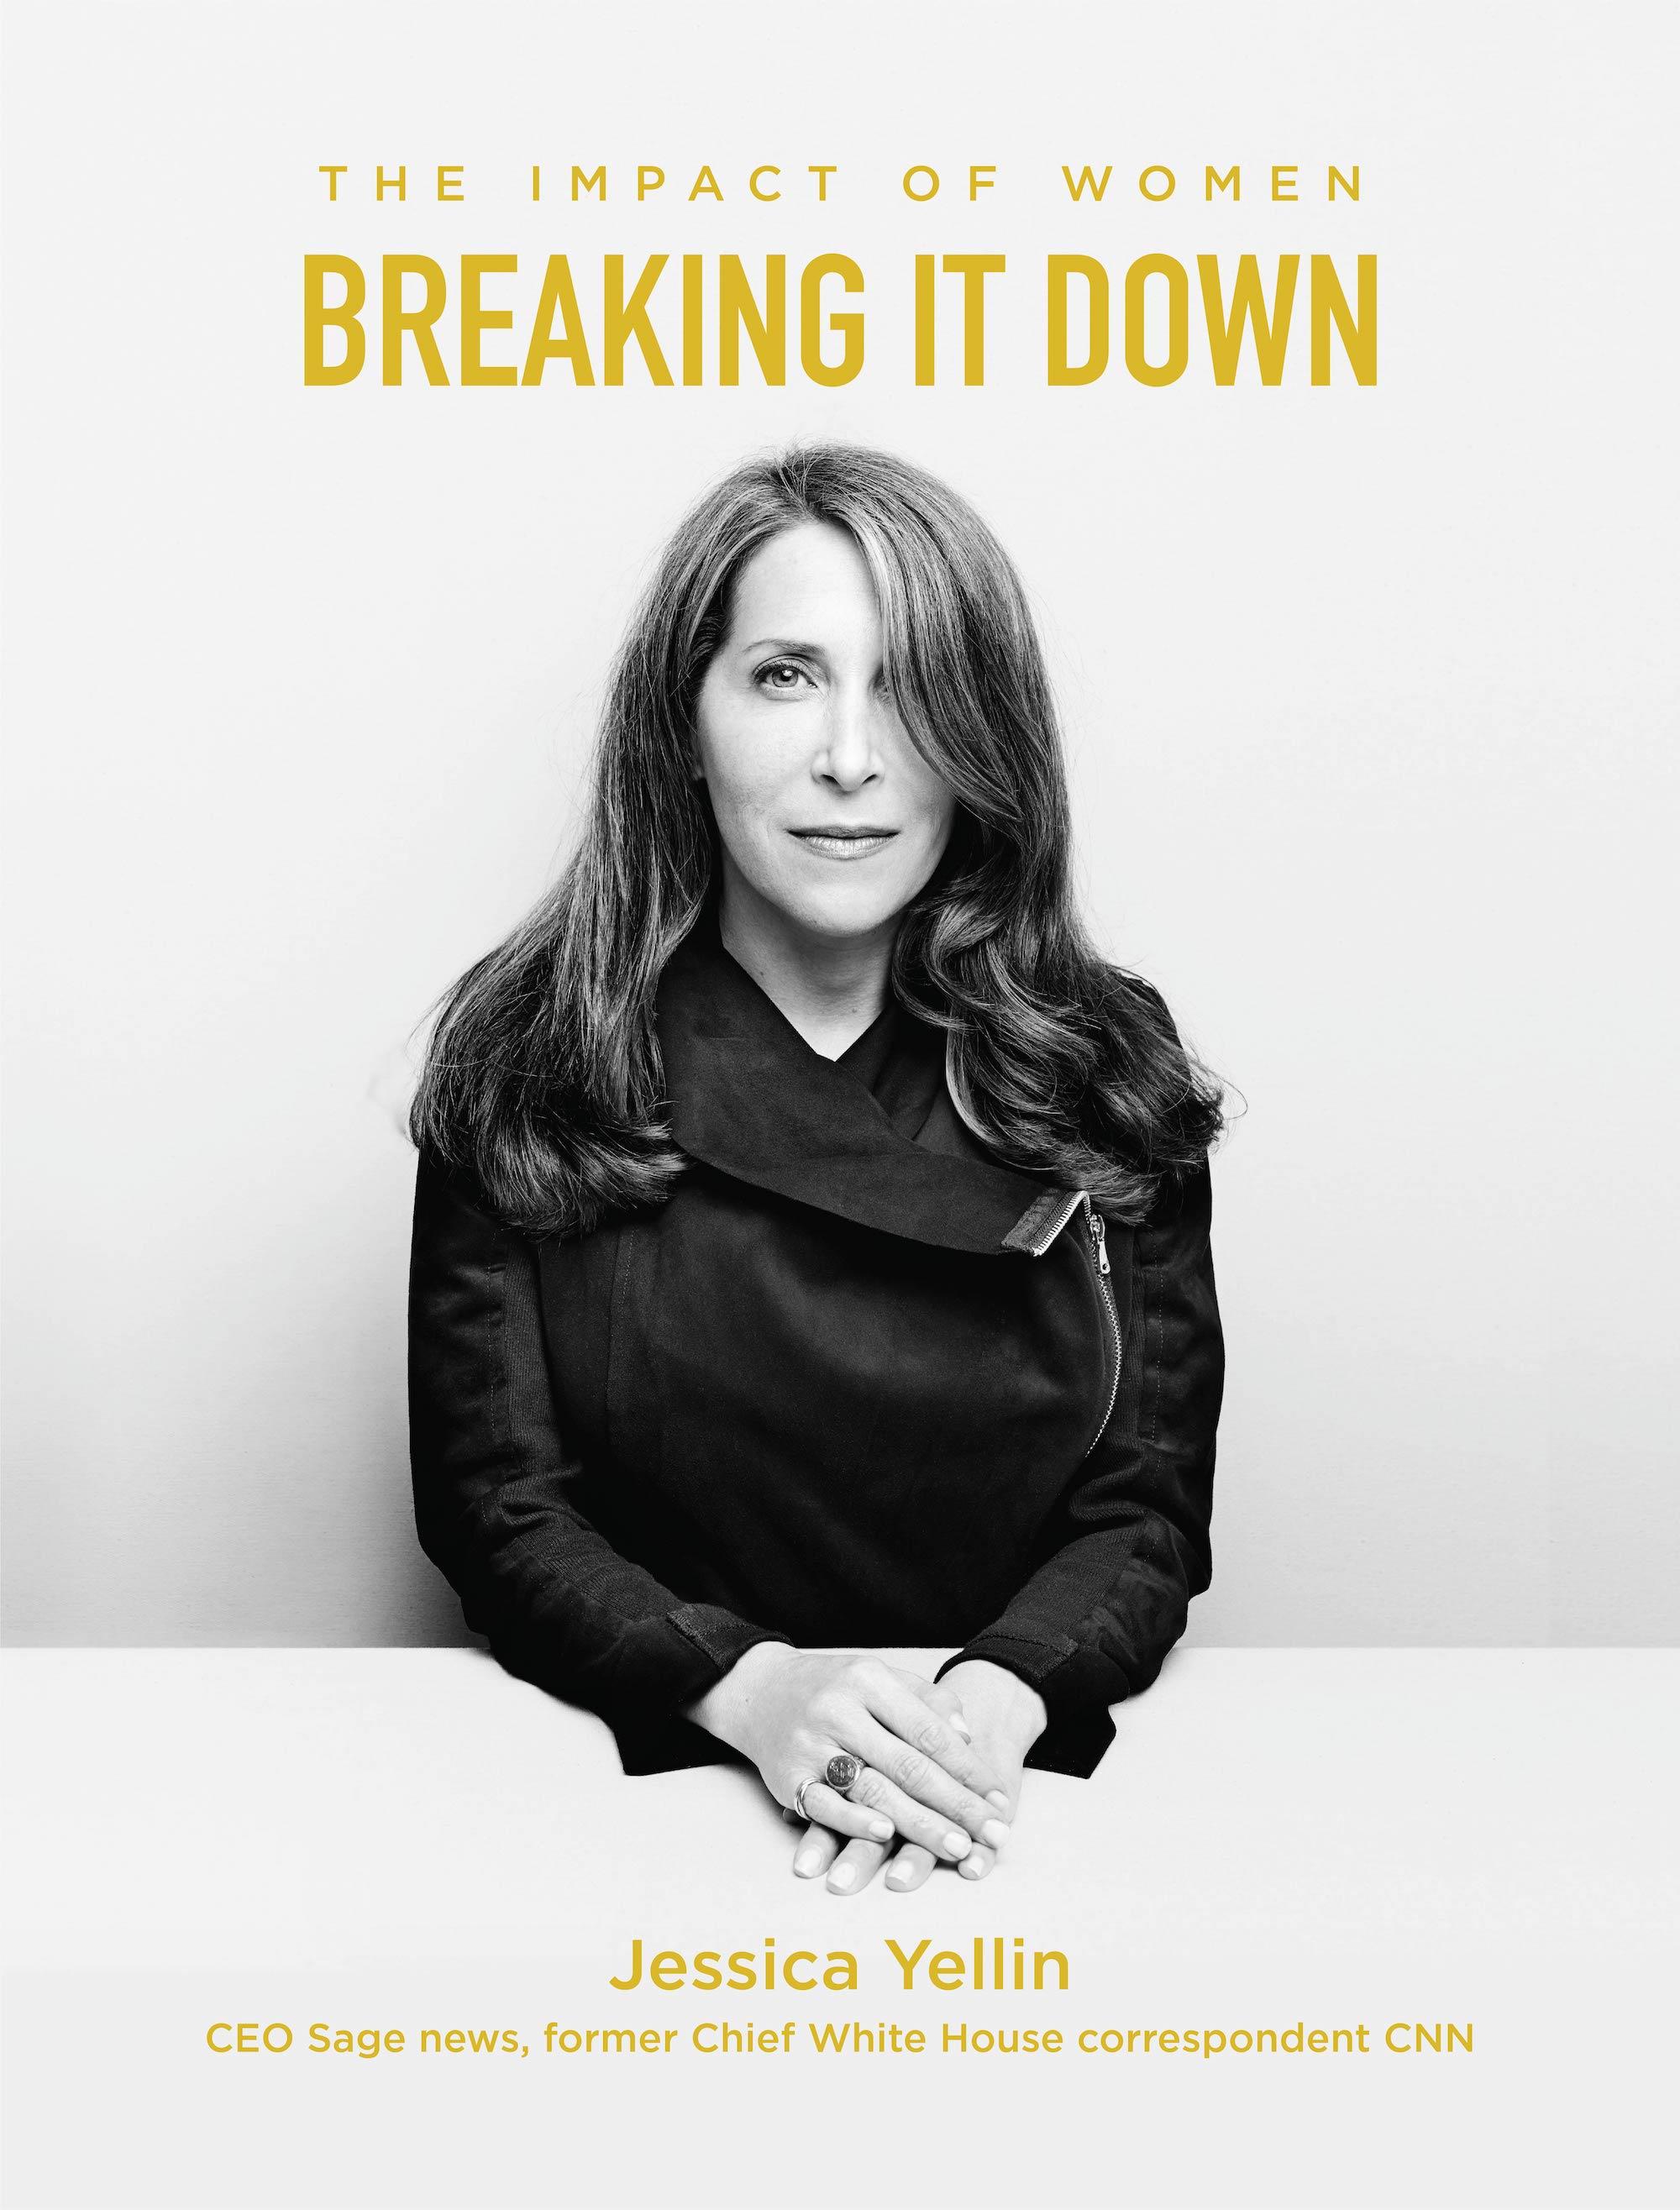 Jessica Yellin is Breaking it Down